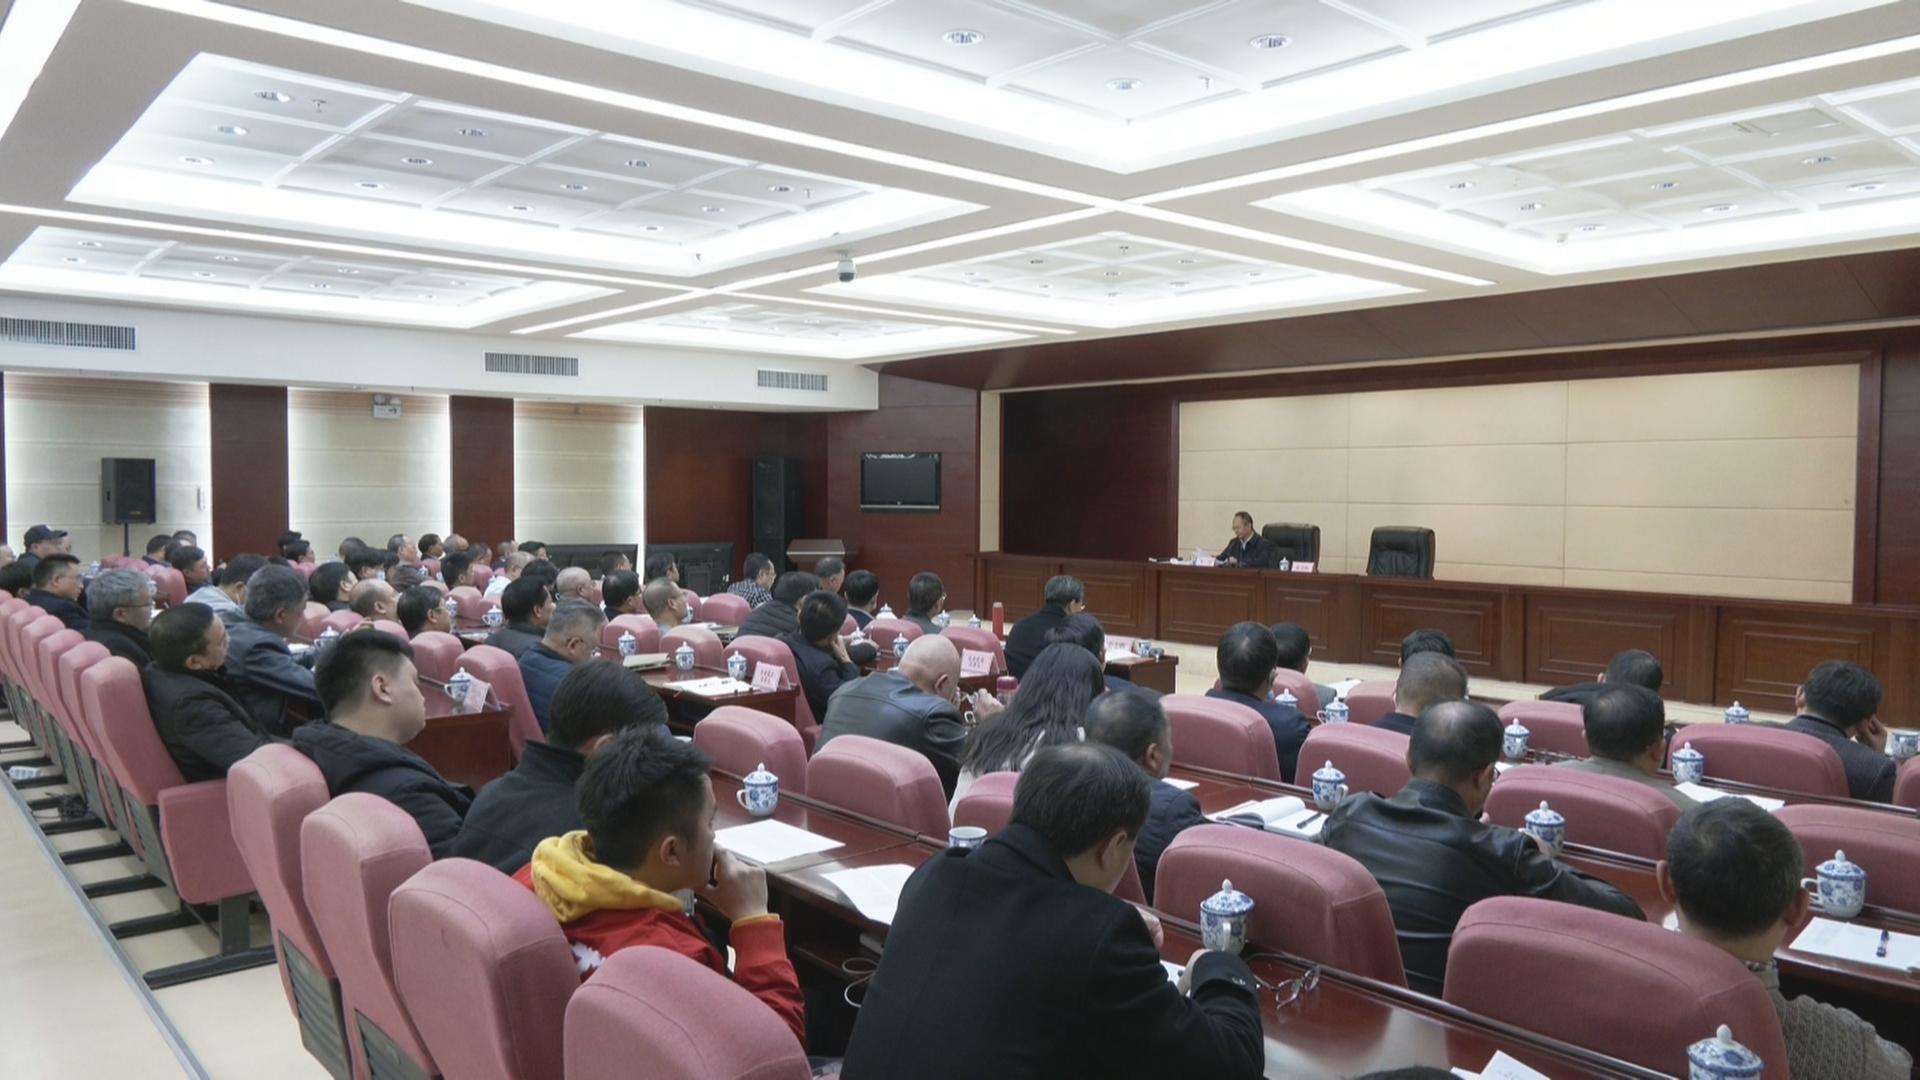 省委宣讲团在国资国企系统宣讲